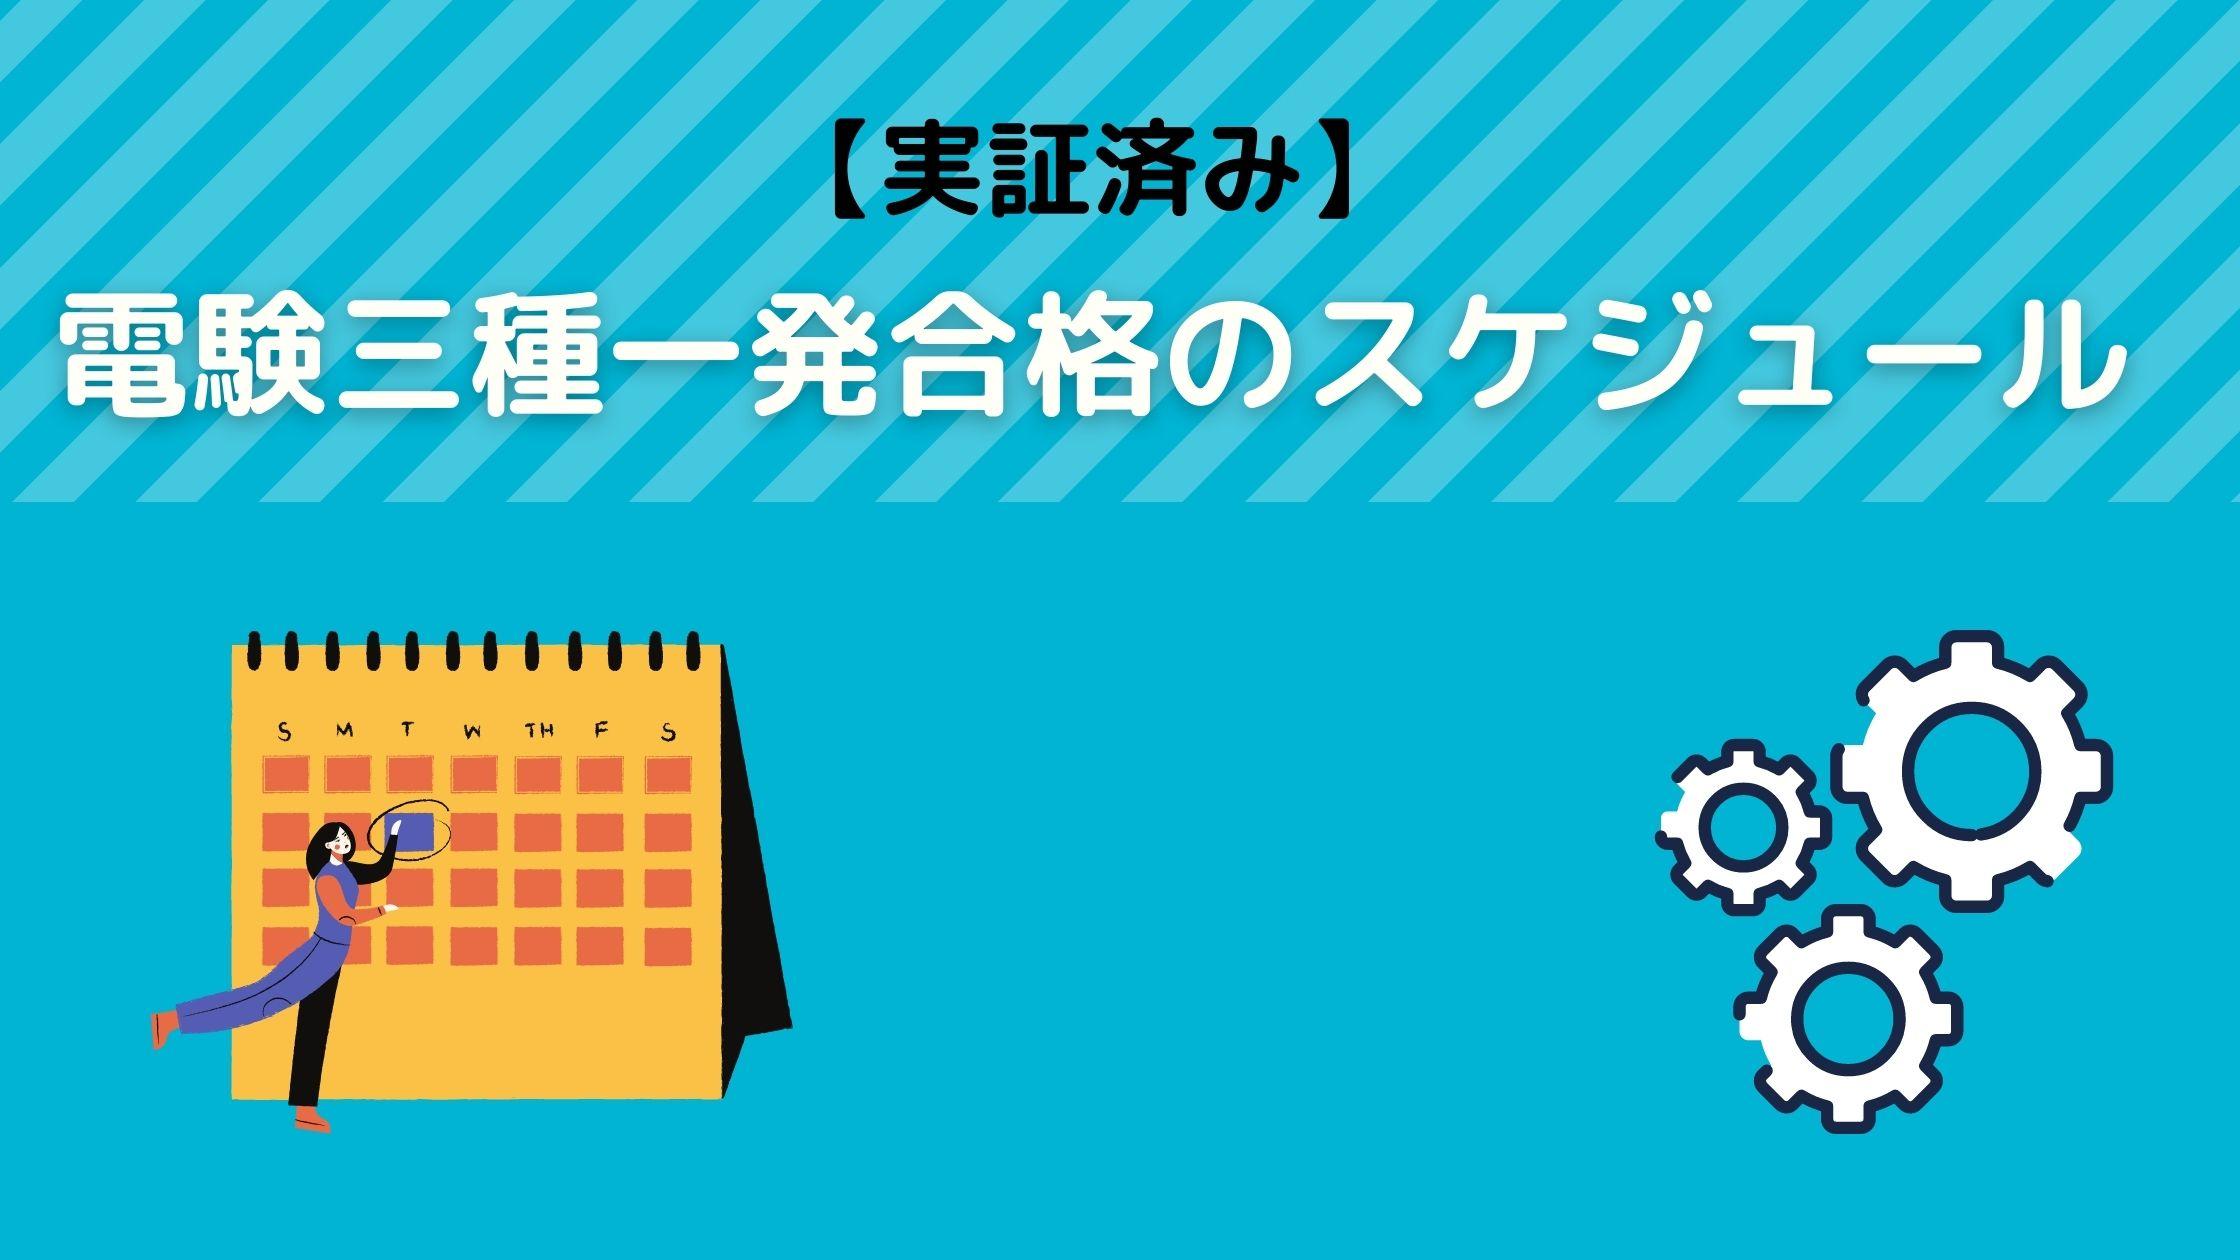 【合格体験記】電験三種一発合格のスケジュール